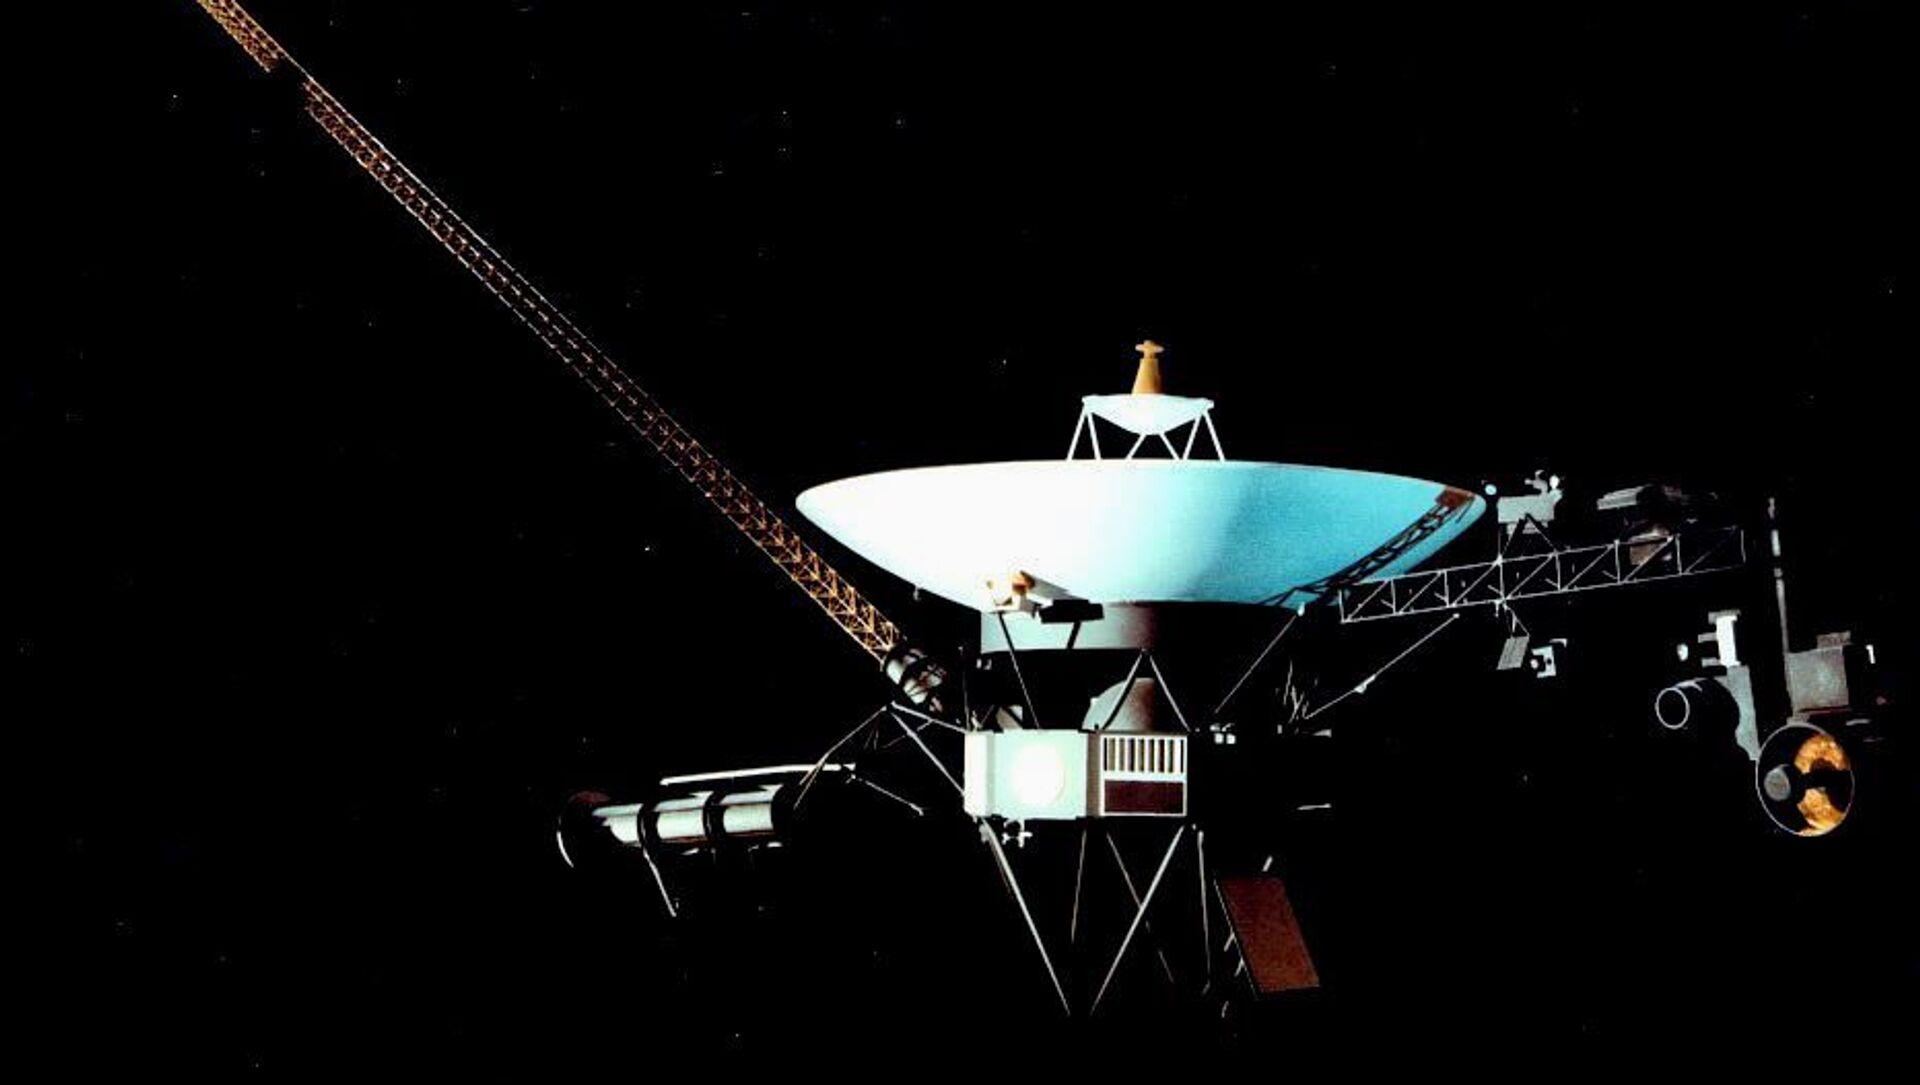 La sonda espacial Voyager 2 - Sputnik Mundo, 1920, 19.10.2020